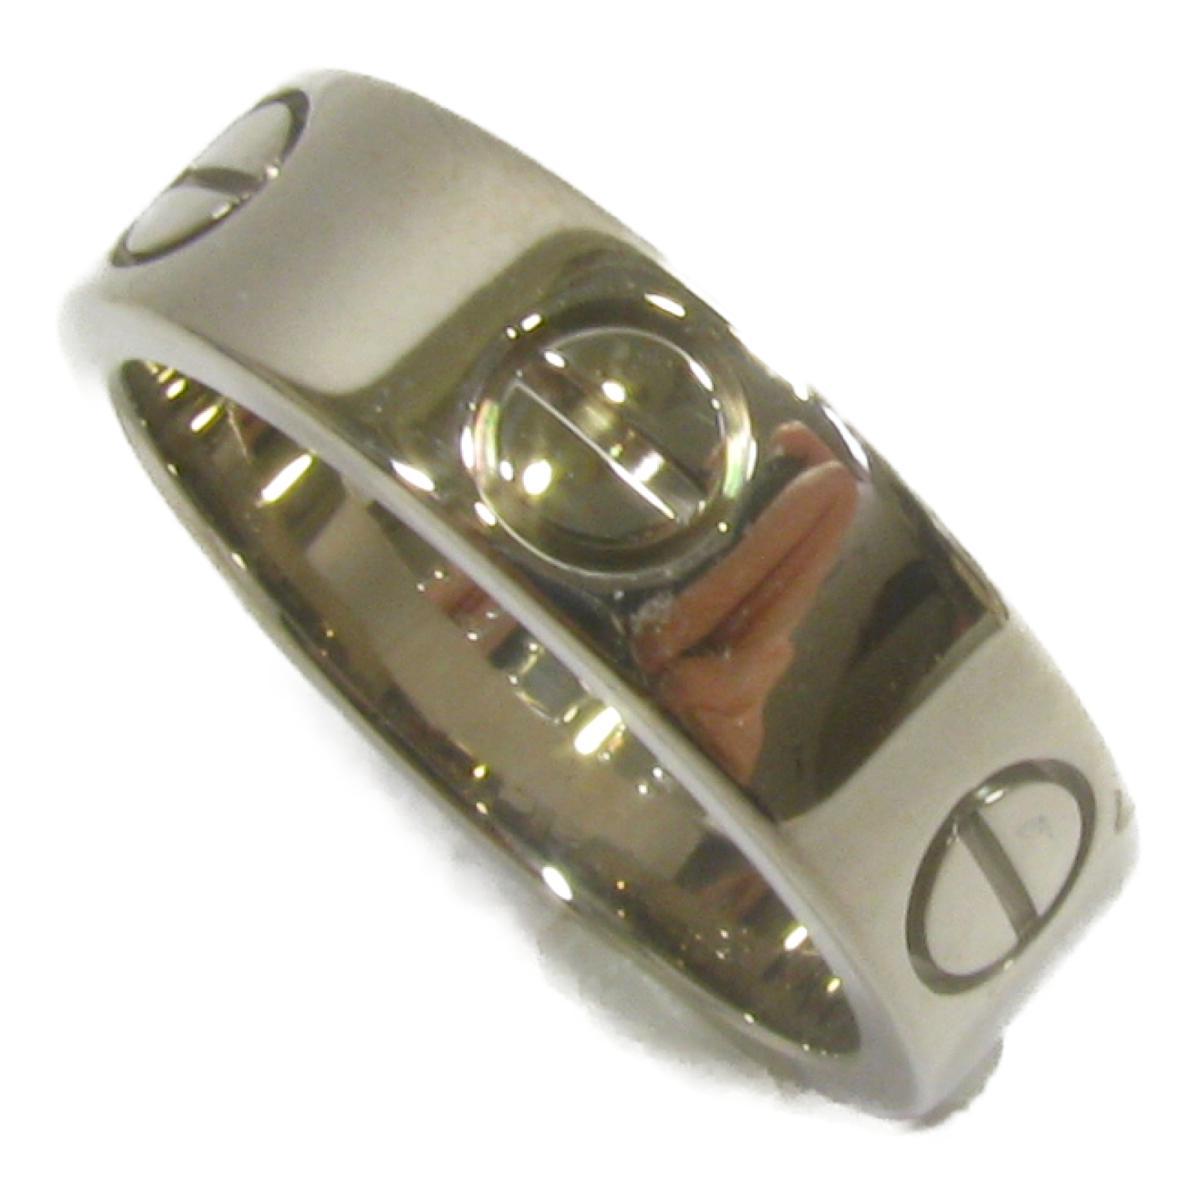 【中古】 カルティエ ラブリング 指輪 レディース K18WG (750) ホワイトゴールド シルバー | Cartier リング K18 18K 18金 ラブリング 美品 ブランドオフ BRANDOFF